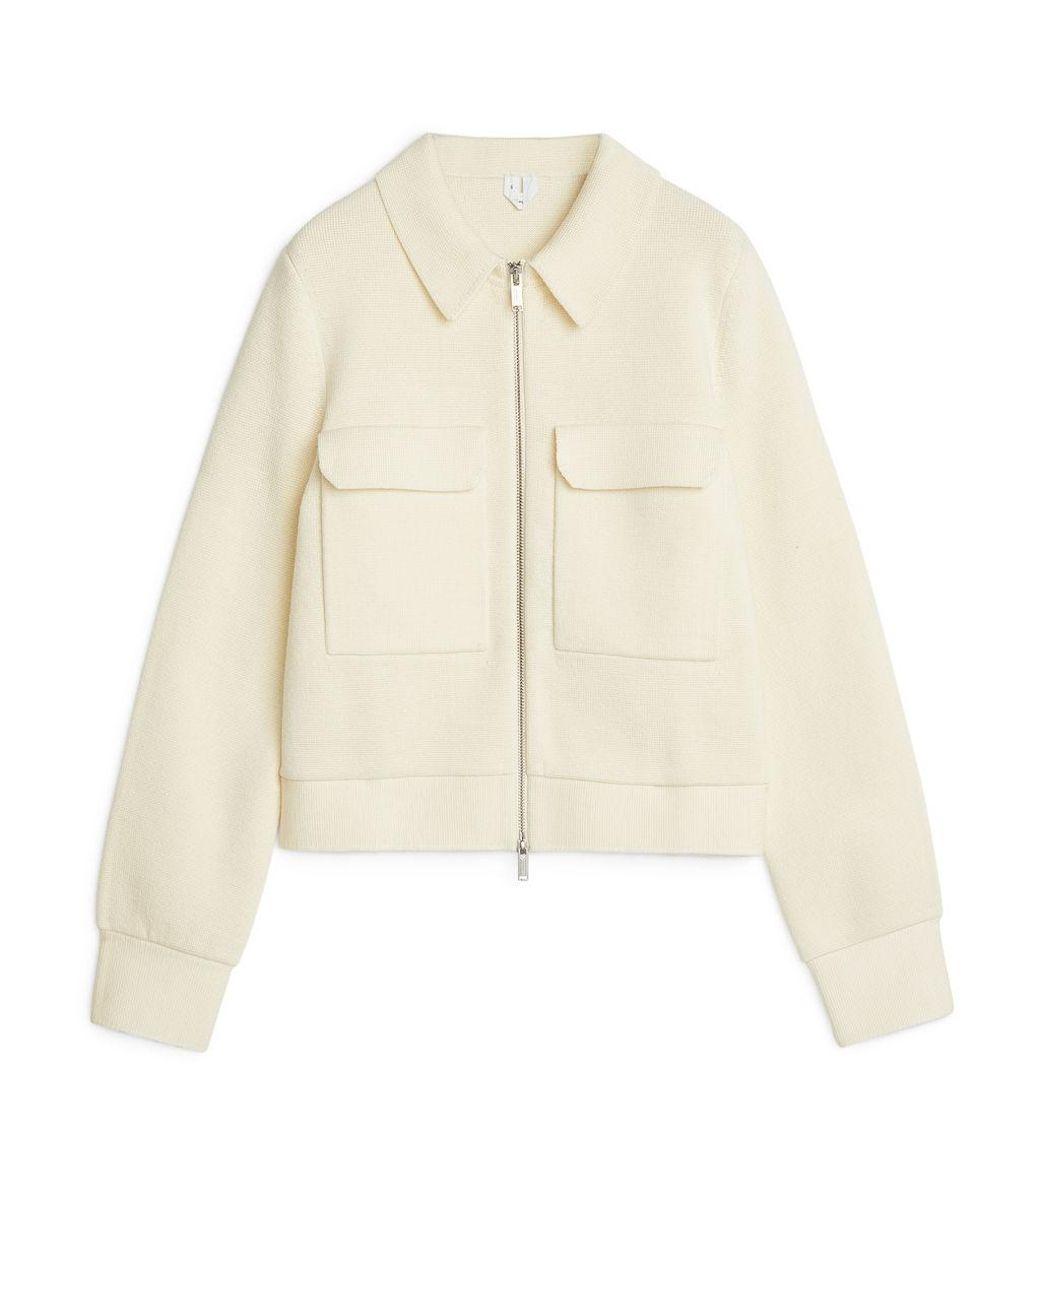 Arket Wool Boxy Merino Jacket In White Lyst